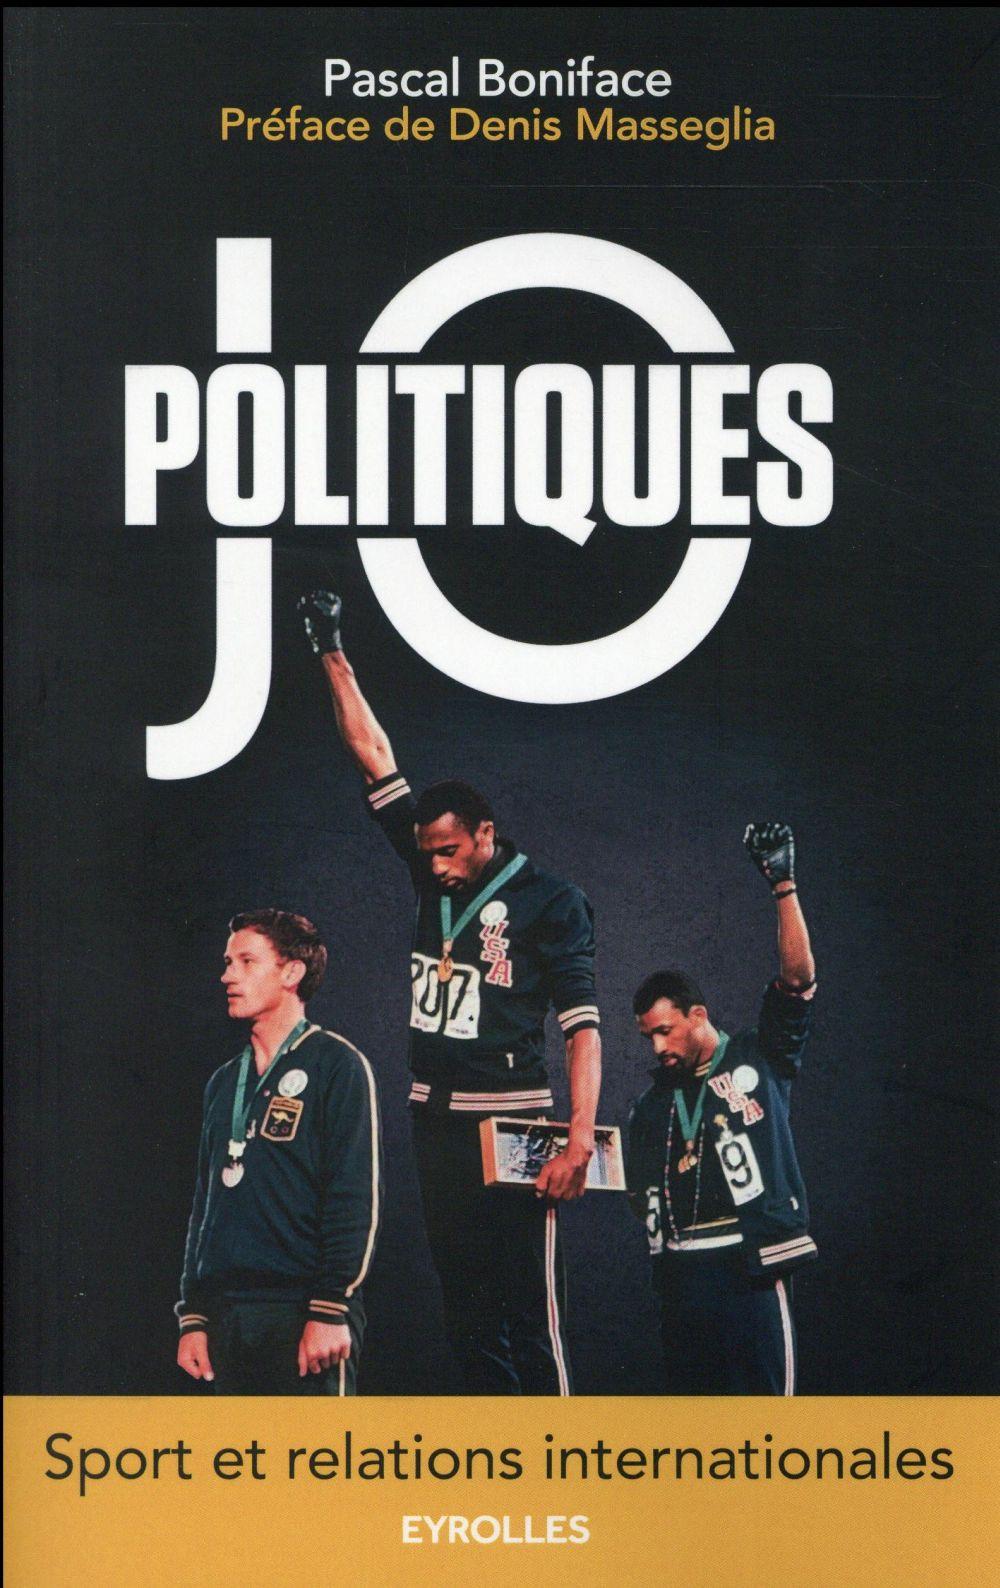 JOpolitiques